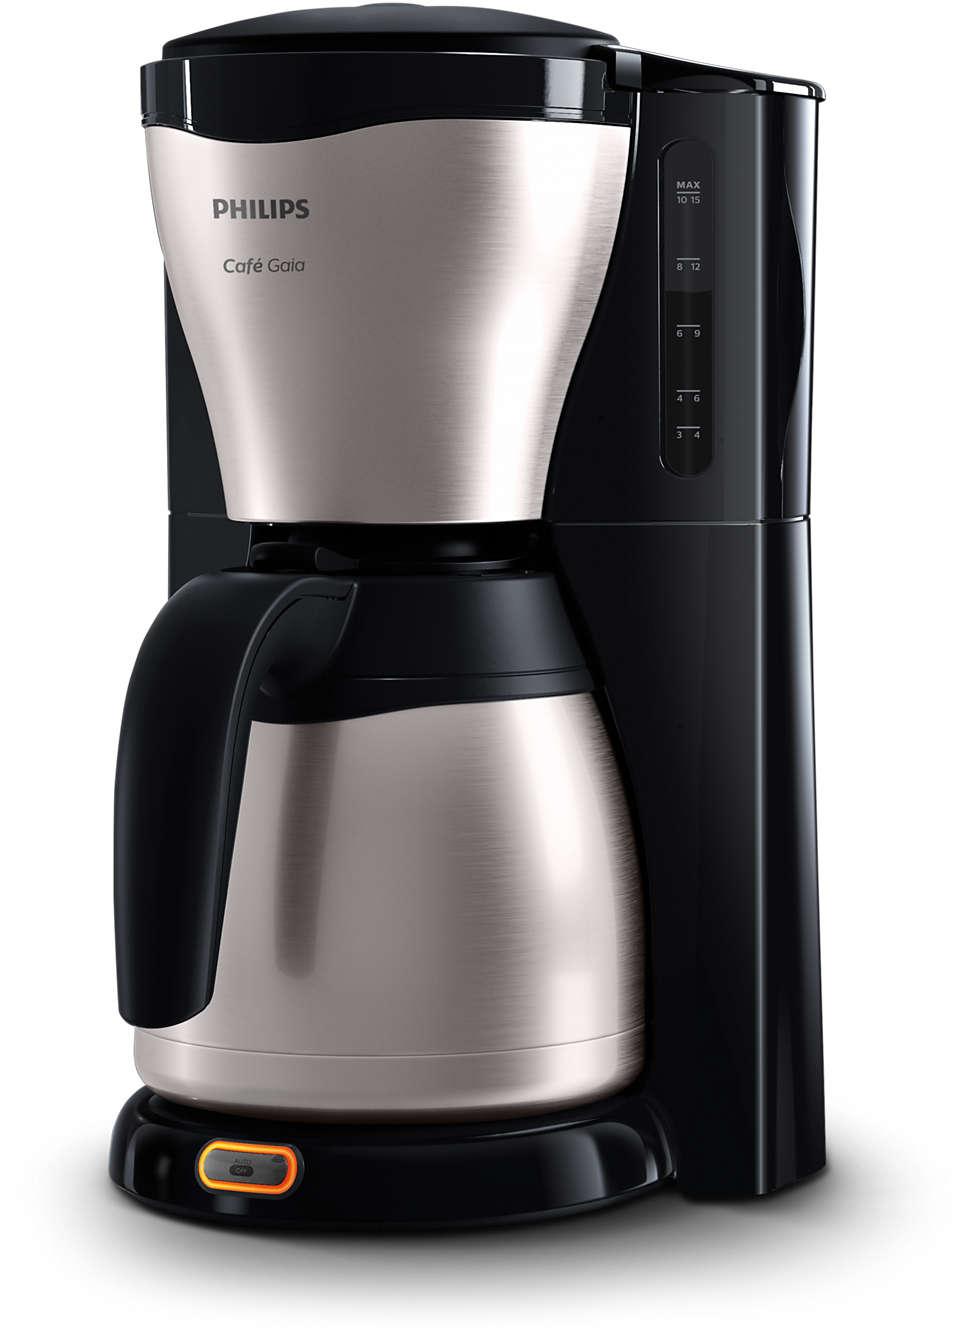 Pyszna, gorąca kawa z ekspresu o olśniewającym wzornictwie